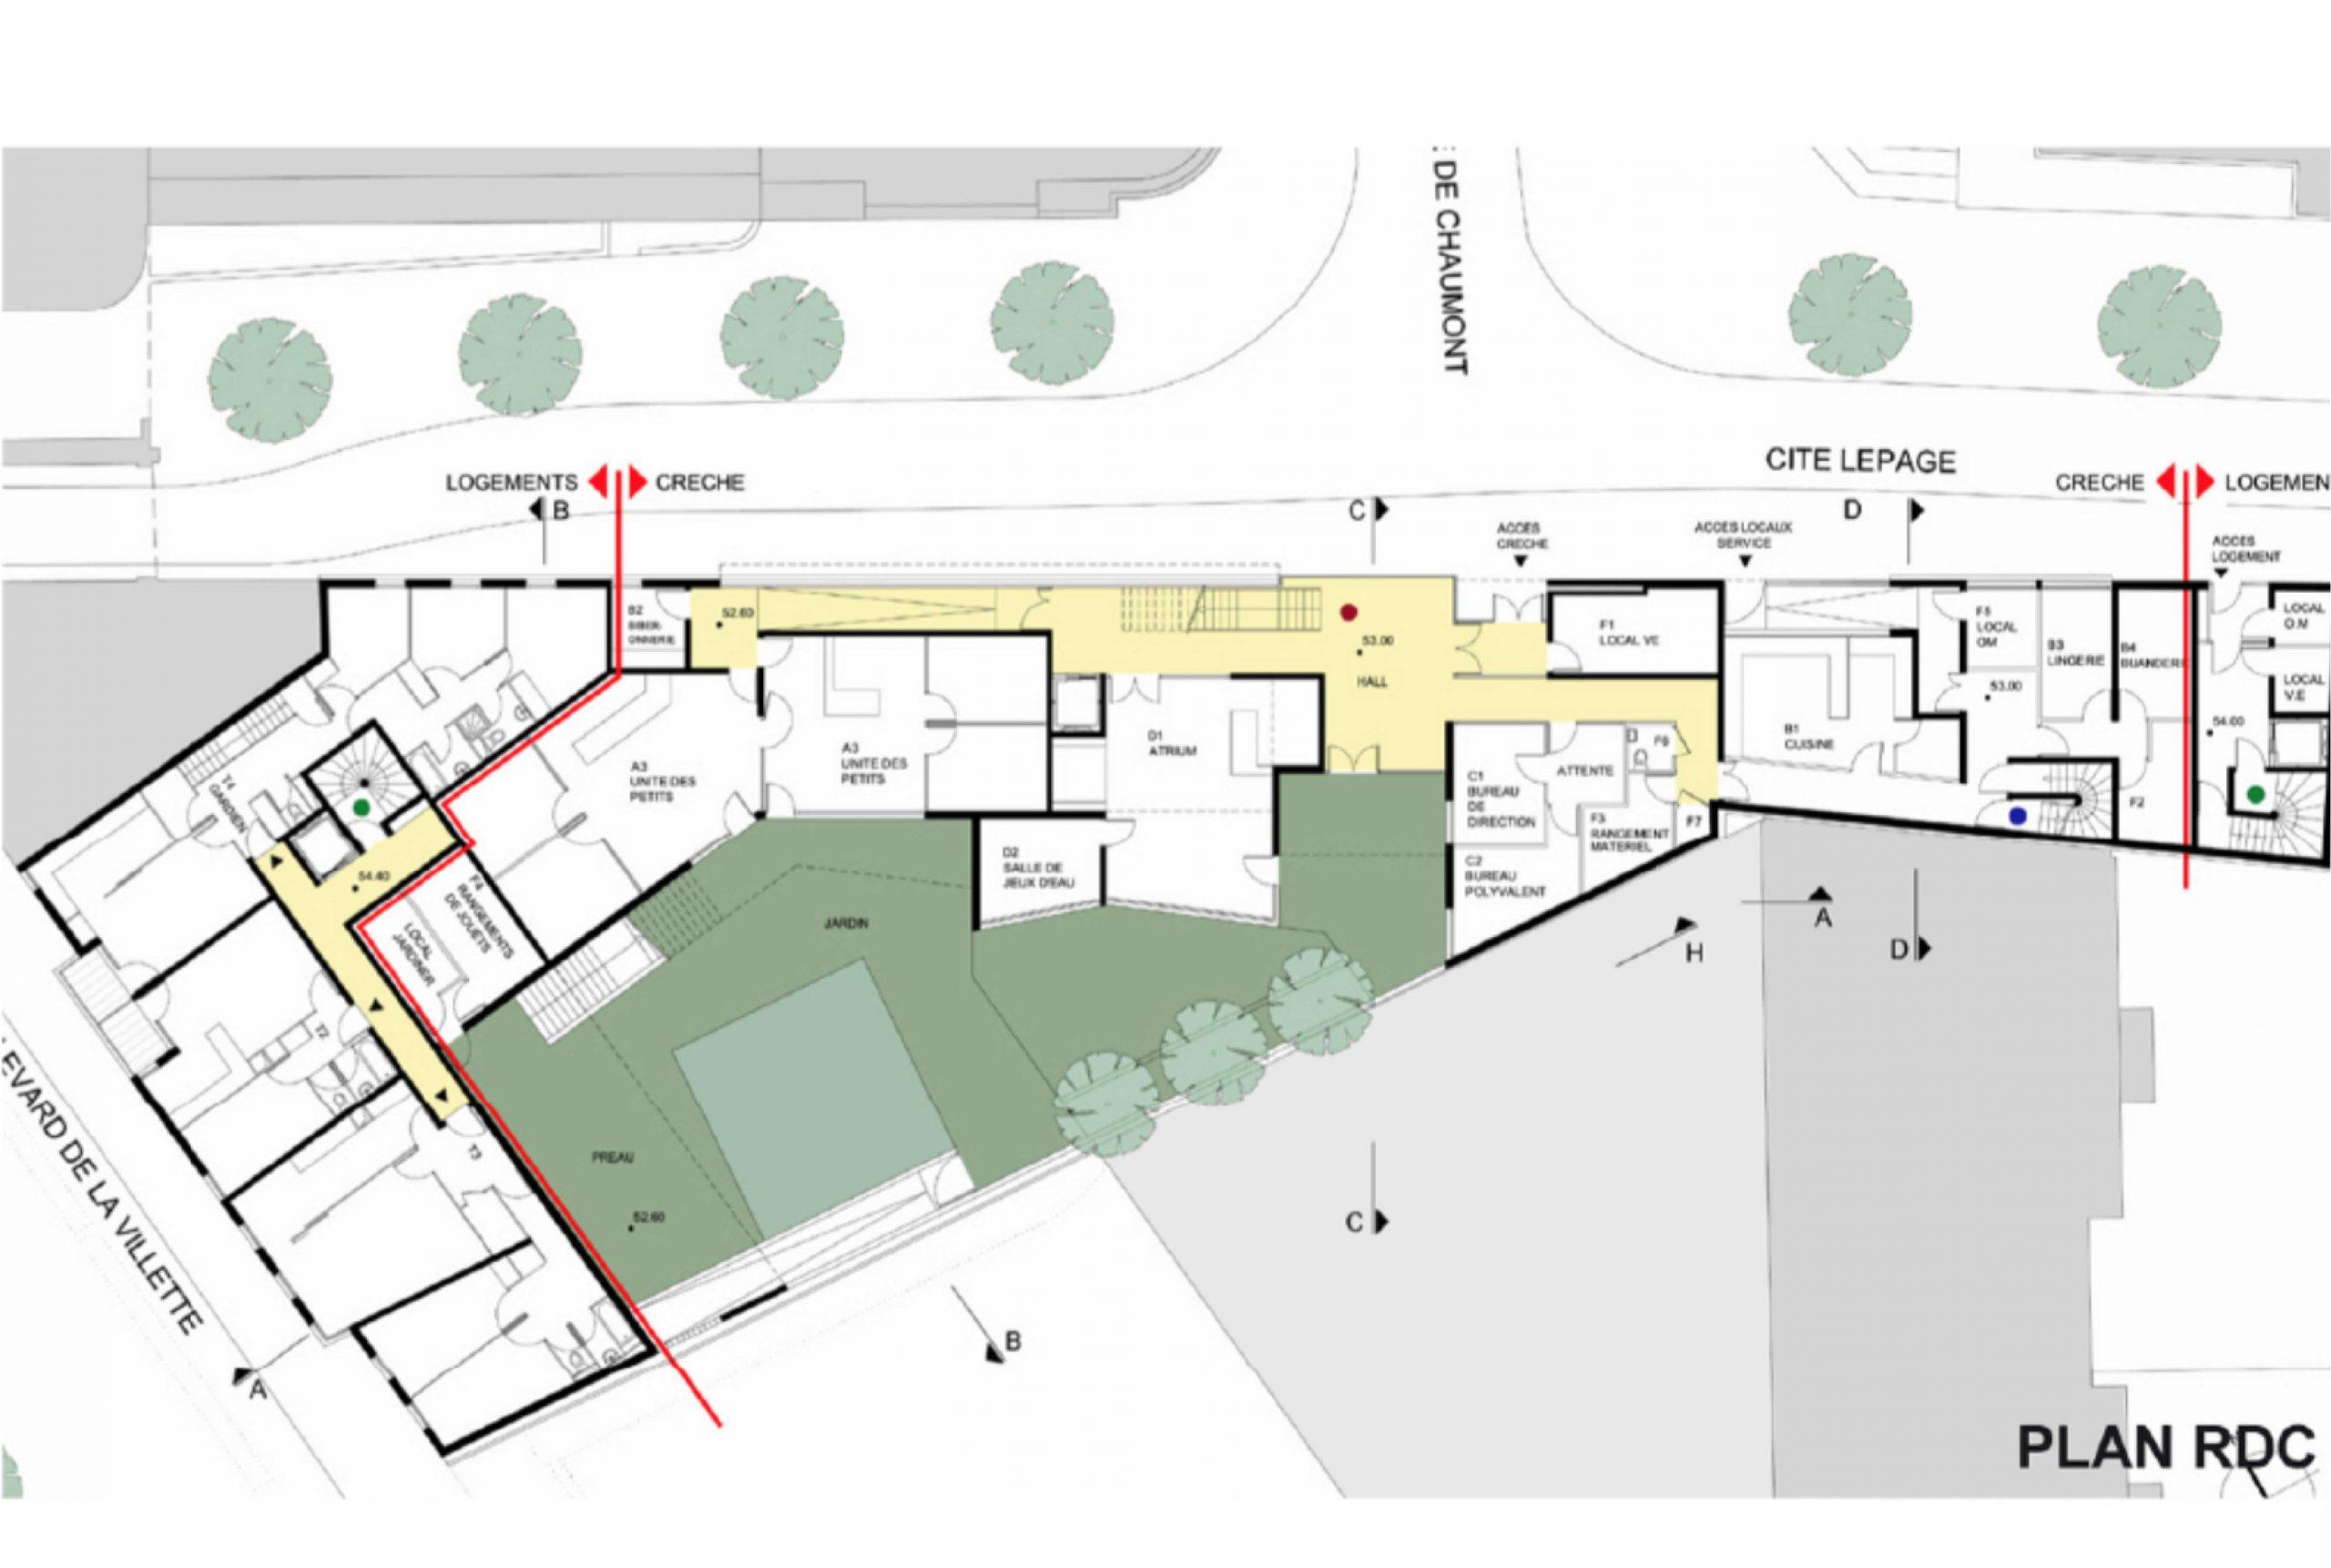 Projet logement Villette logements 5 par Atelier JS Tabet